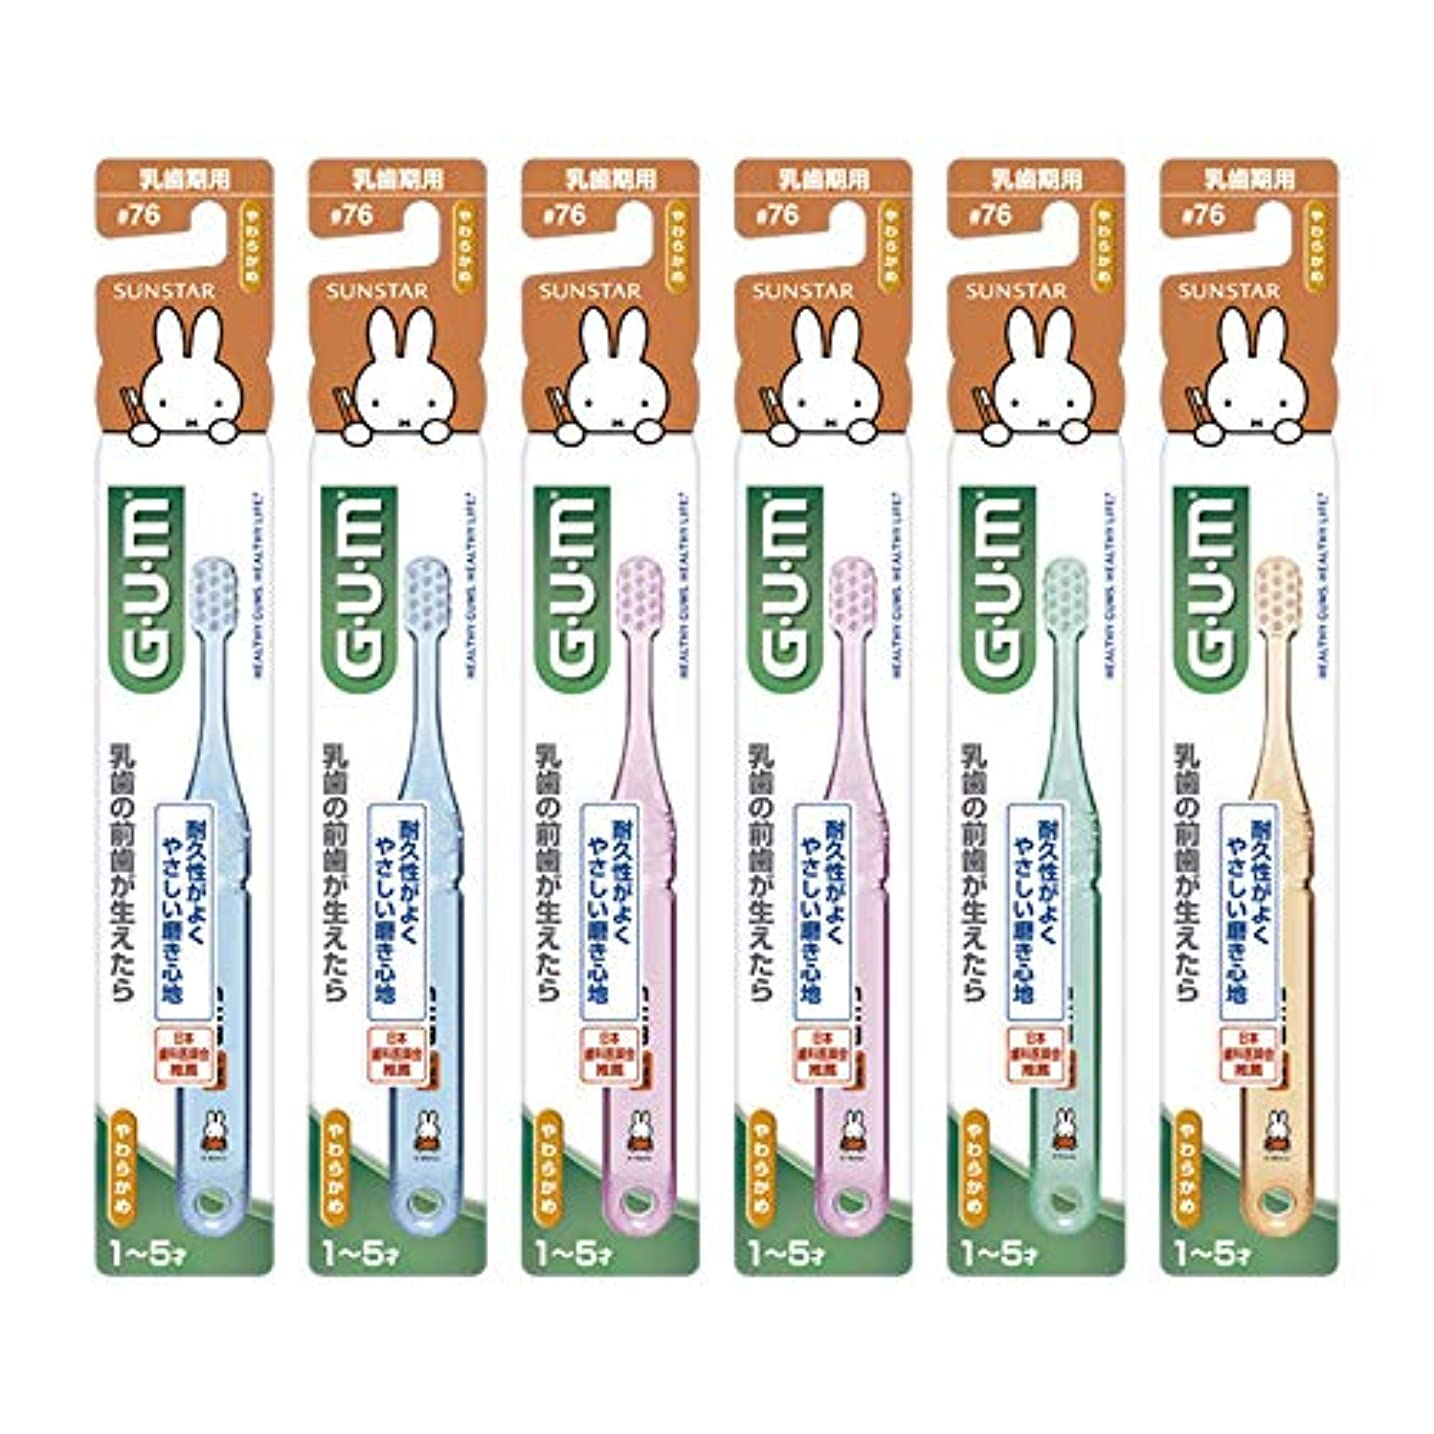 汚す受信機ペインティングGUM(ガム) デンタル こども 歯ブラシ #76 [乳歯期用 / やわらかめ] 6本パック+ おまけつき【Amazon.co.jp限定】